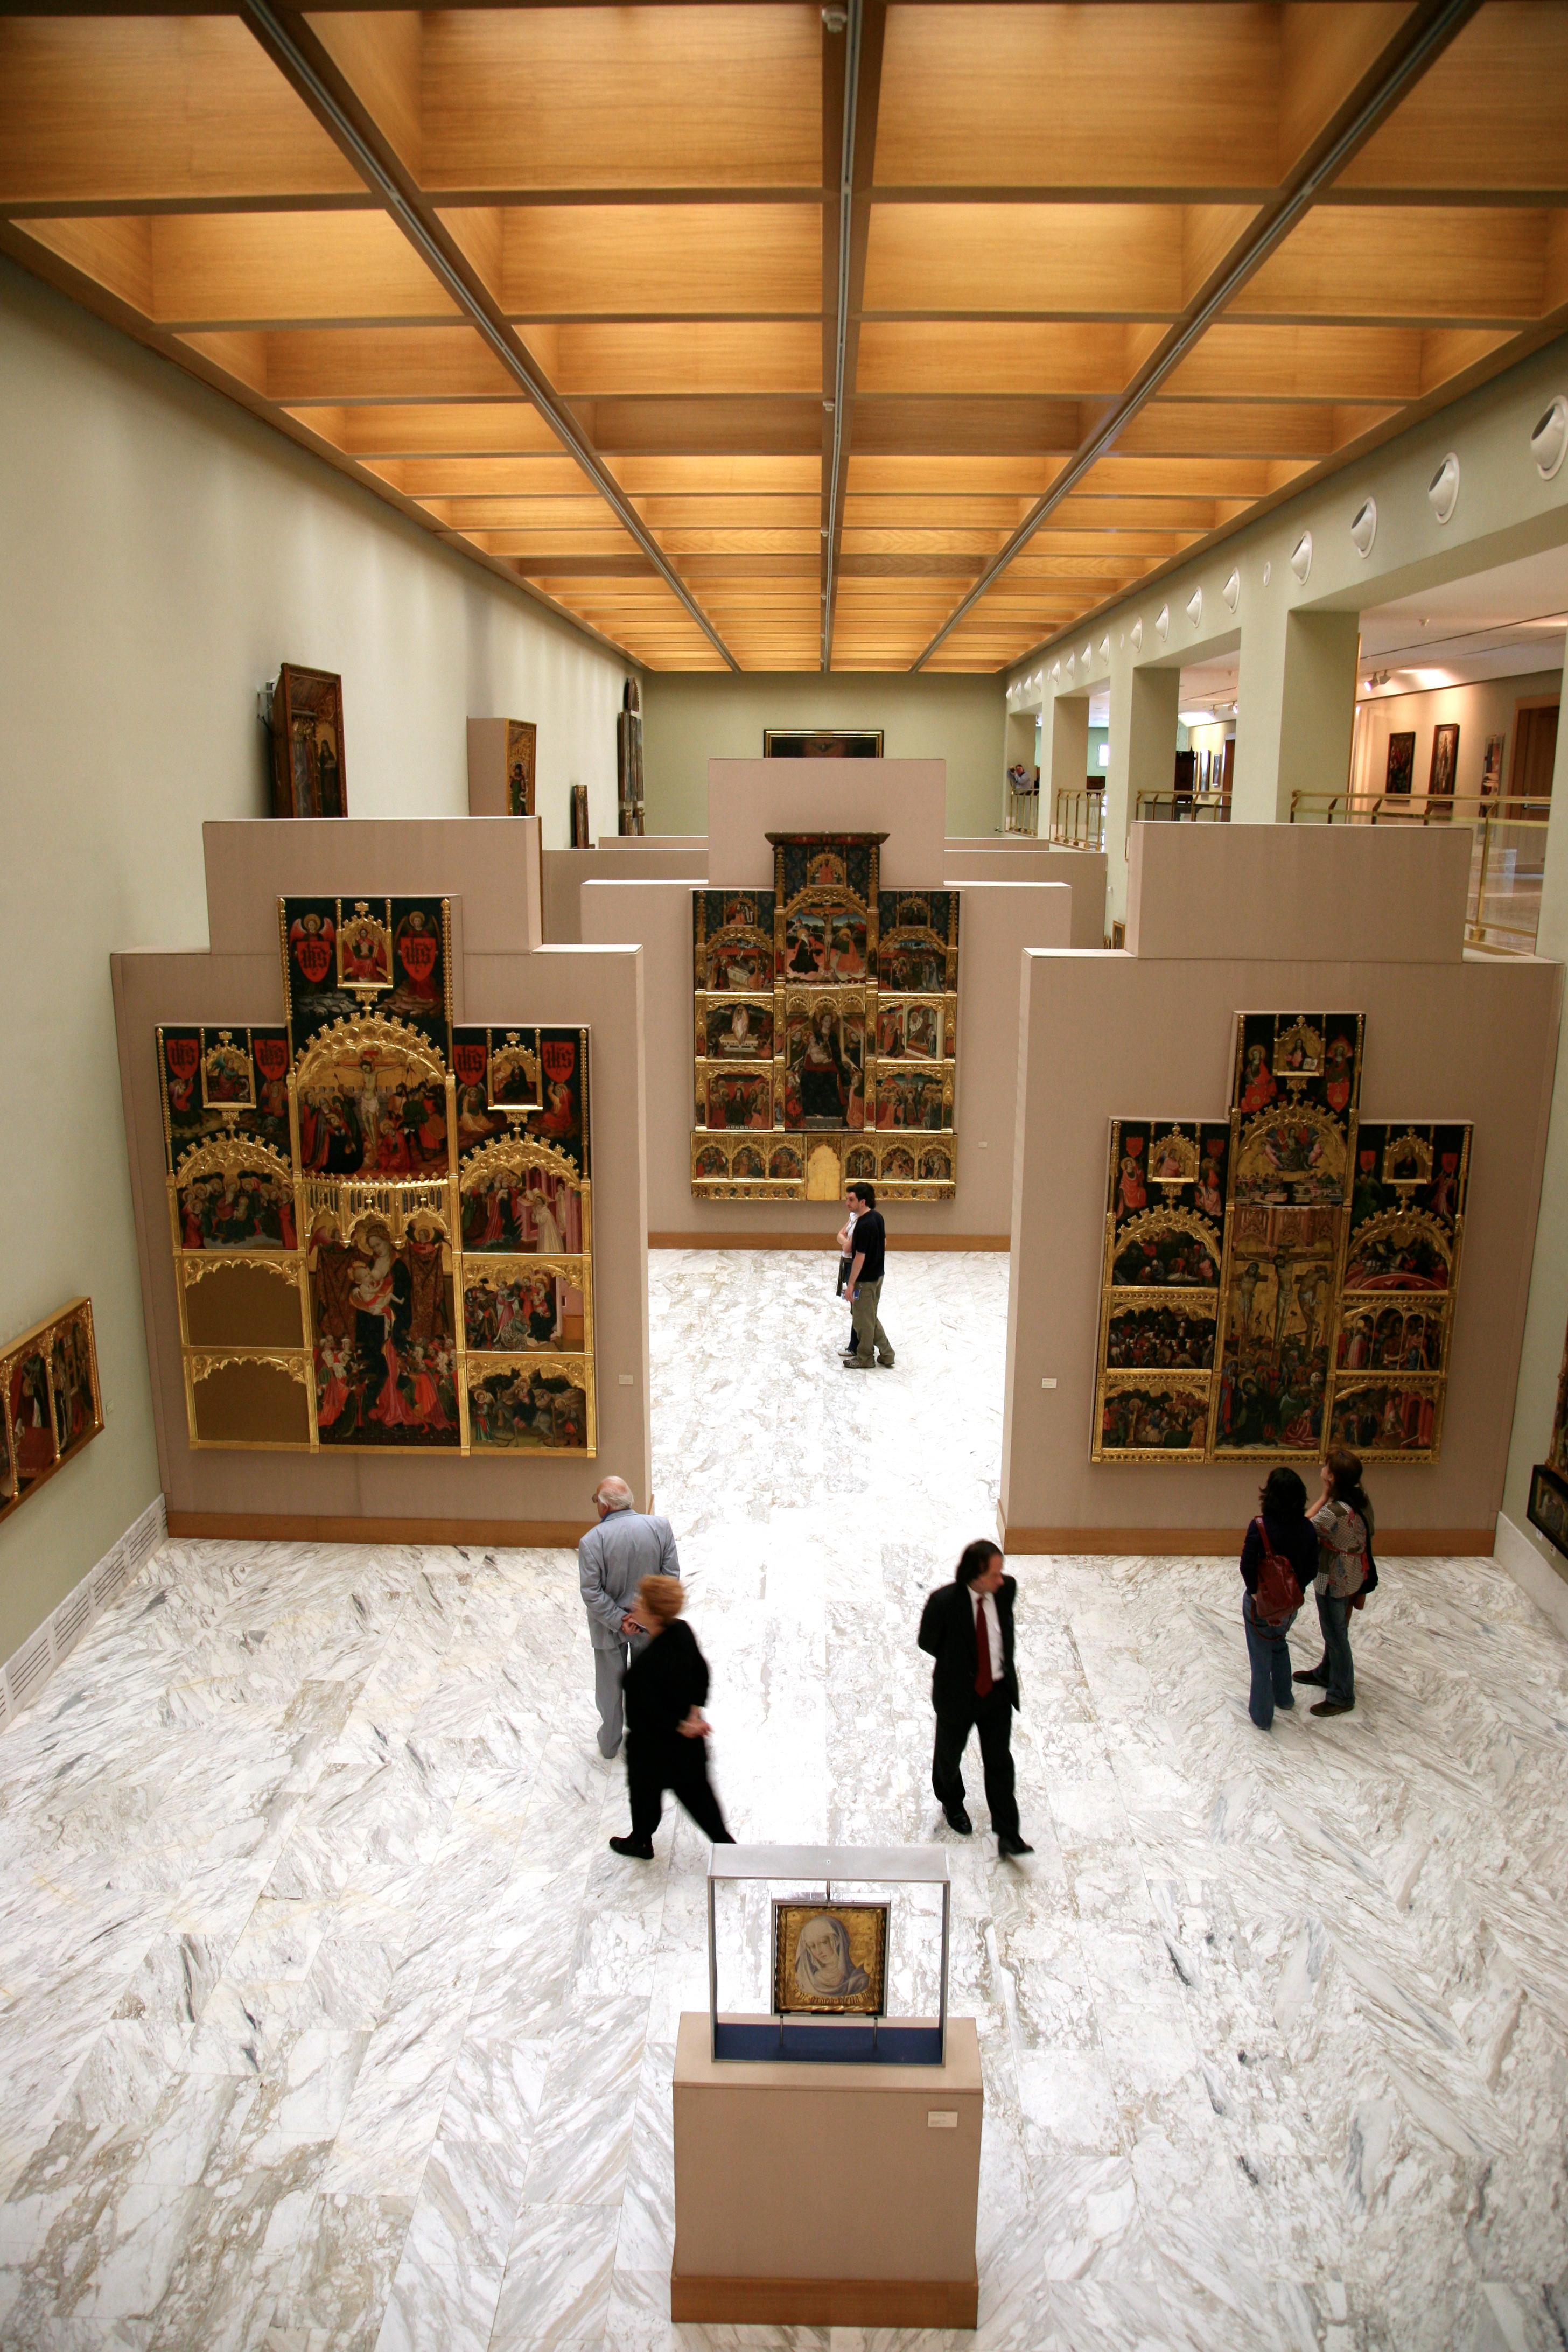 File:España, València - Museo de Bellas Artes San Pío V -